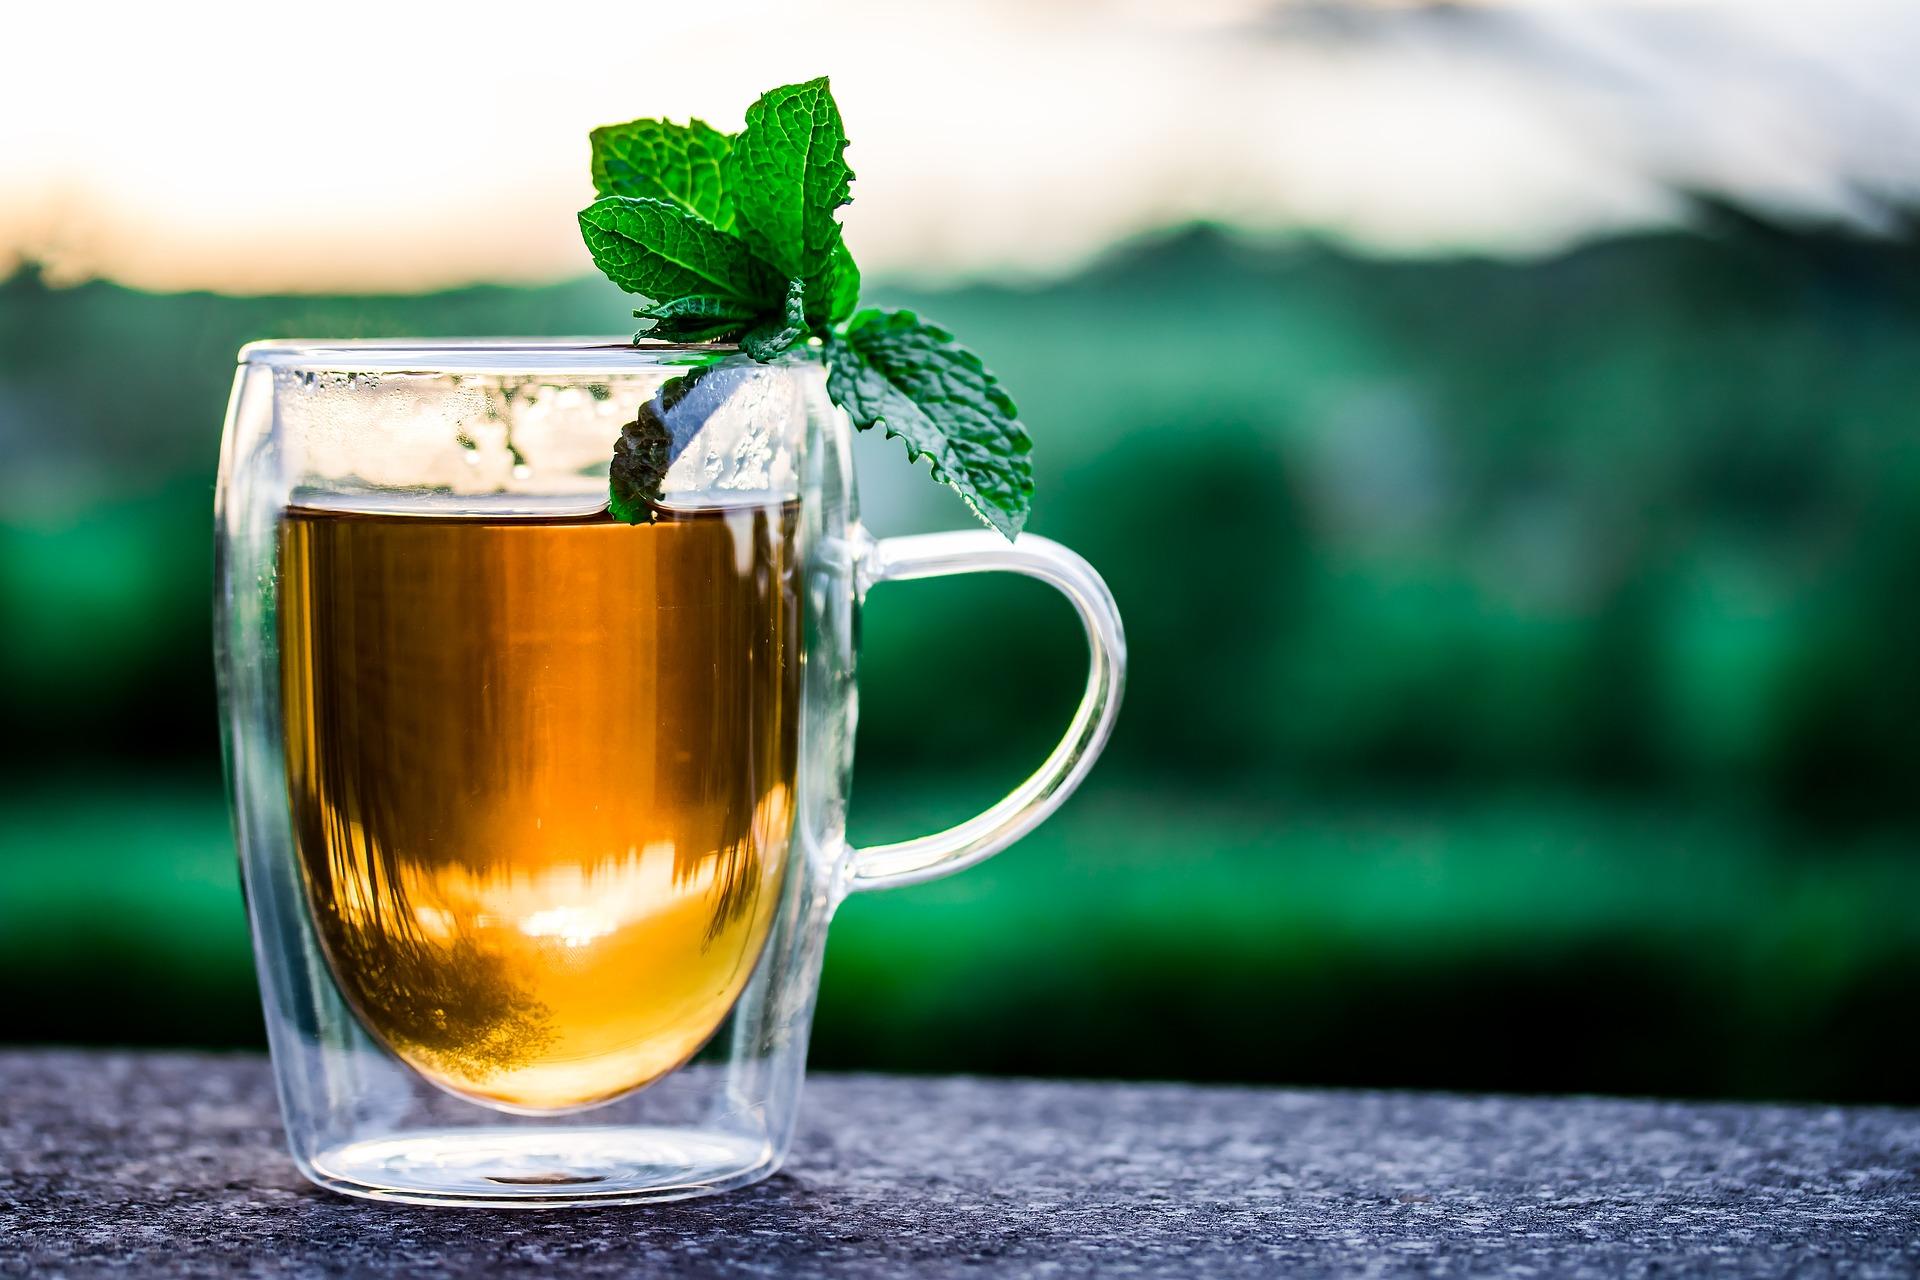 băutură ideală pentru pierderea în greutate de impuls sunt greutăți bune pentru pierderea în greutate